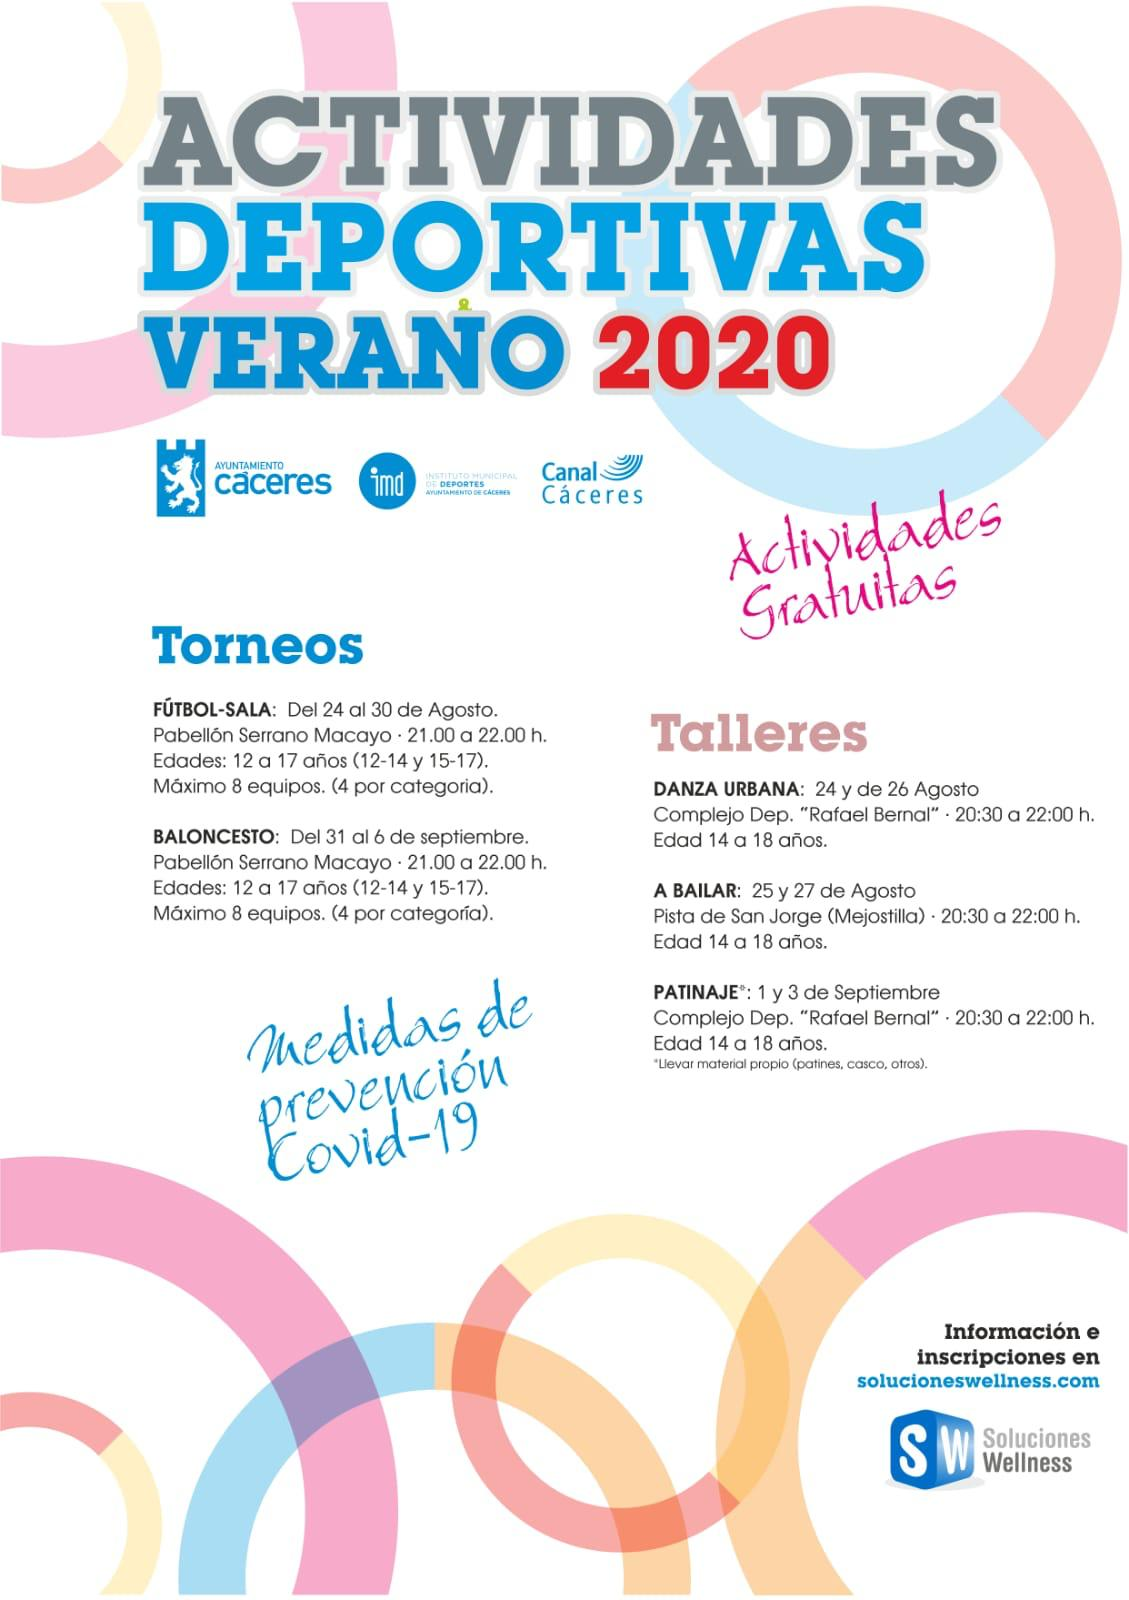 Actividades deportivas Verano 2020